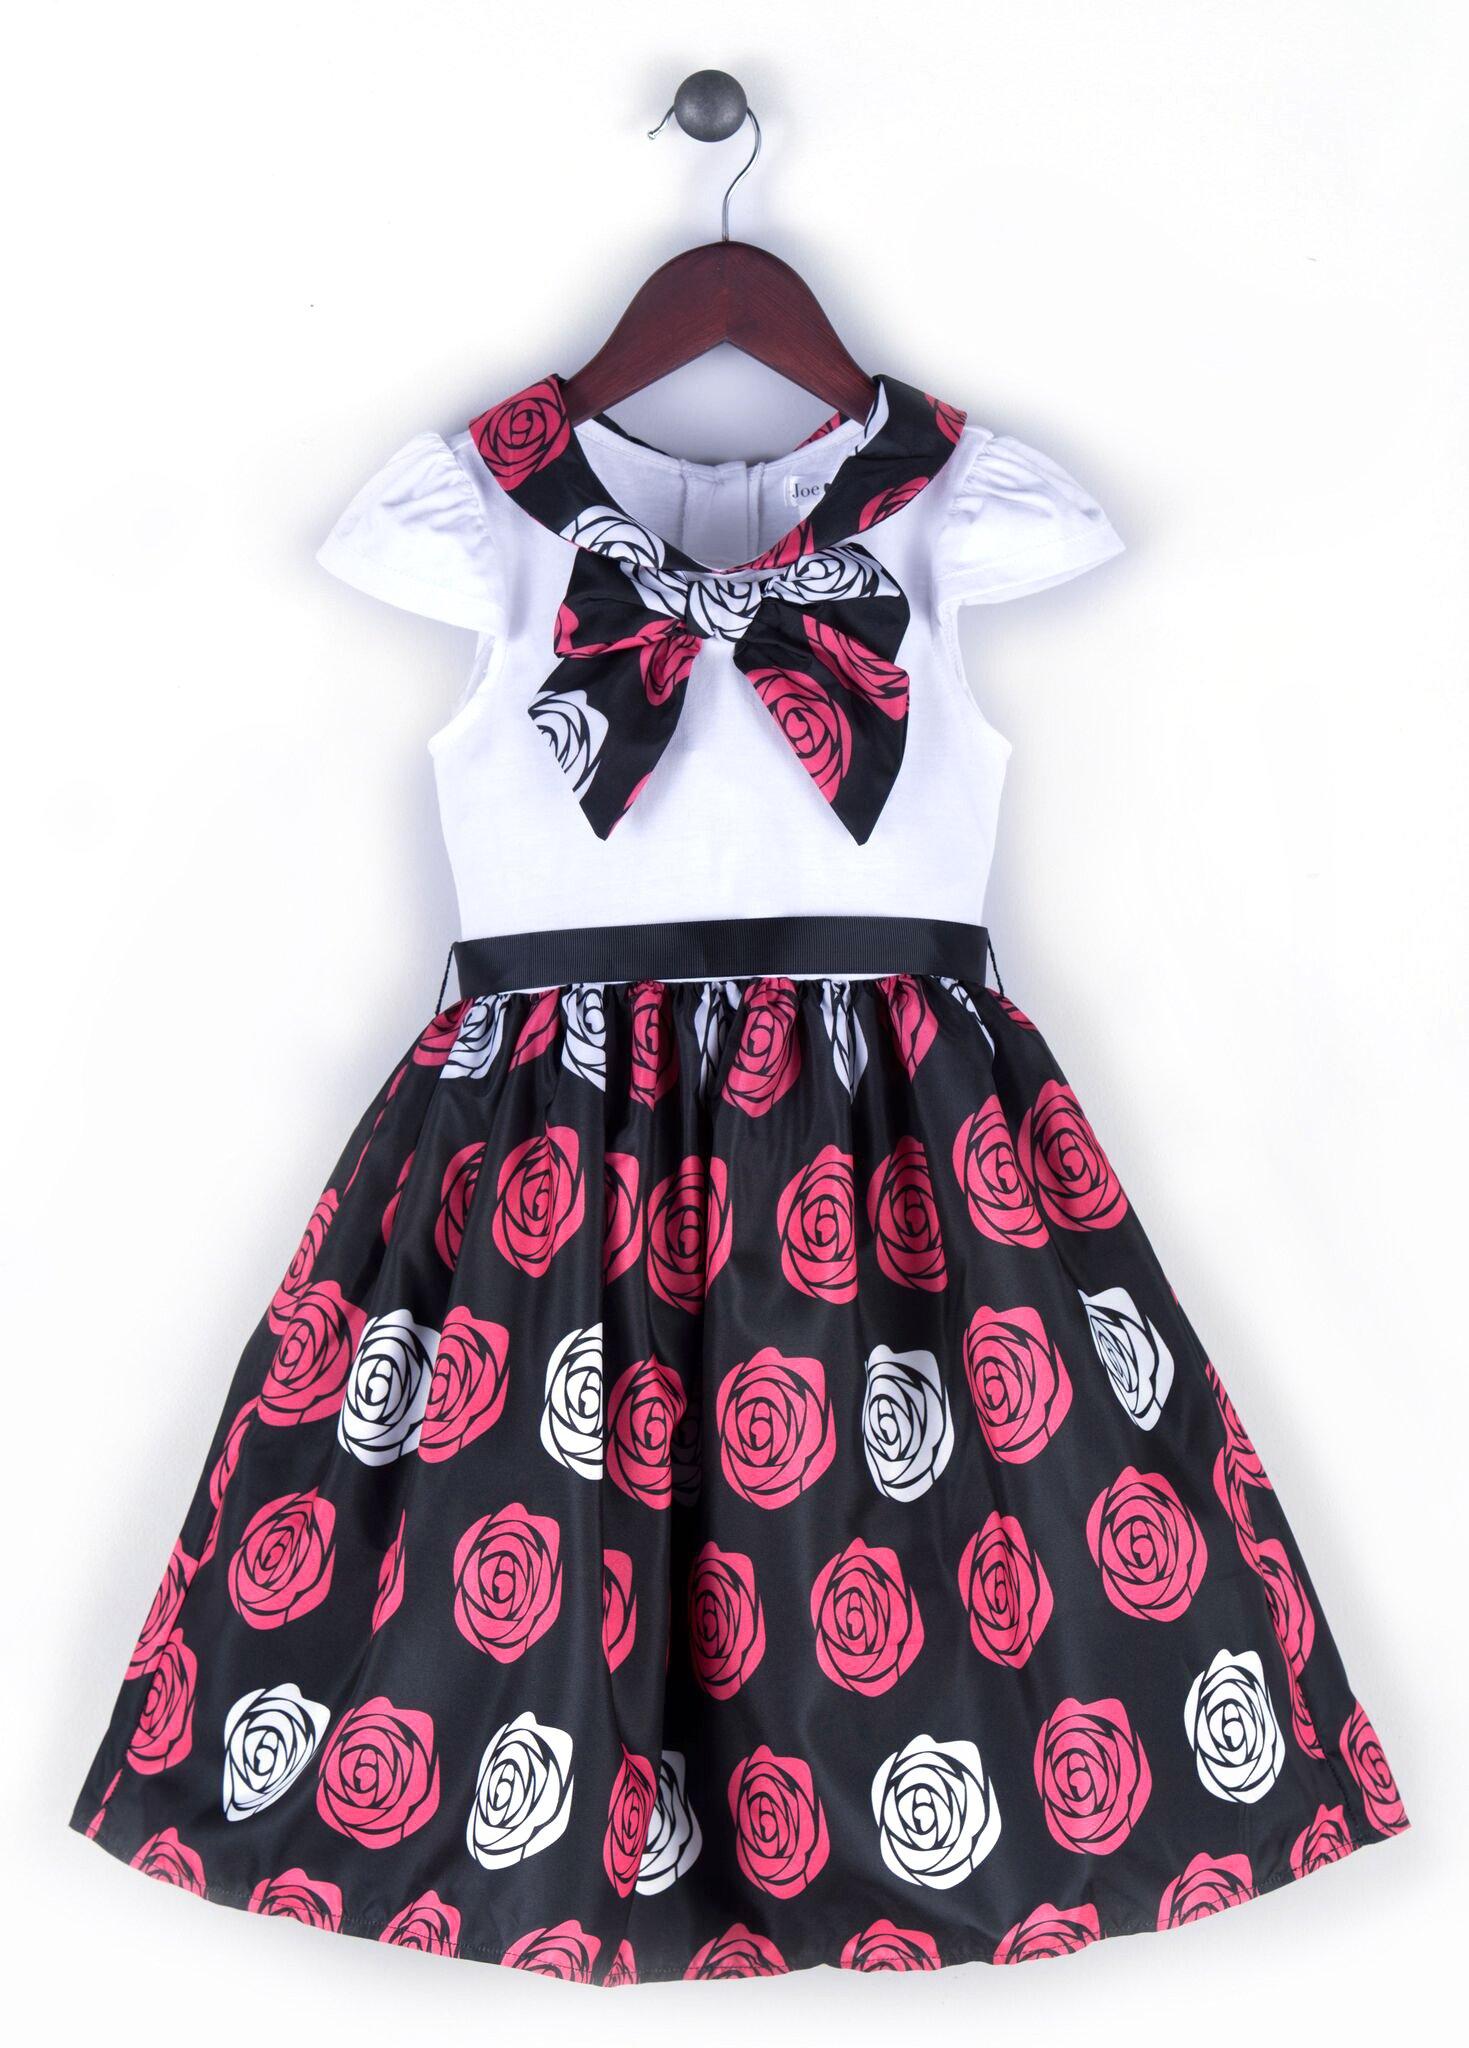 2a57882c54cc Joe and Ella Fashion Dievčenské šaty Penelope s ružičkami - čierno-červeno- biele